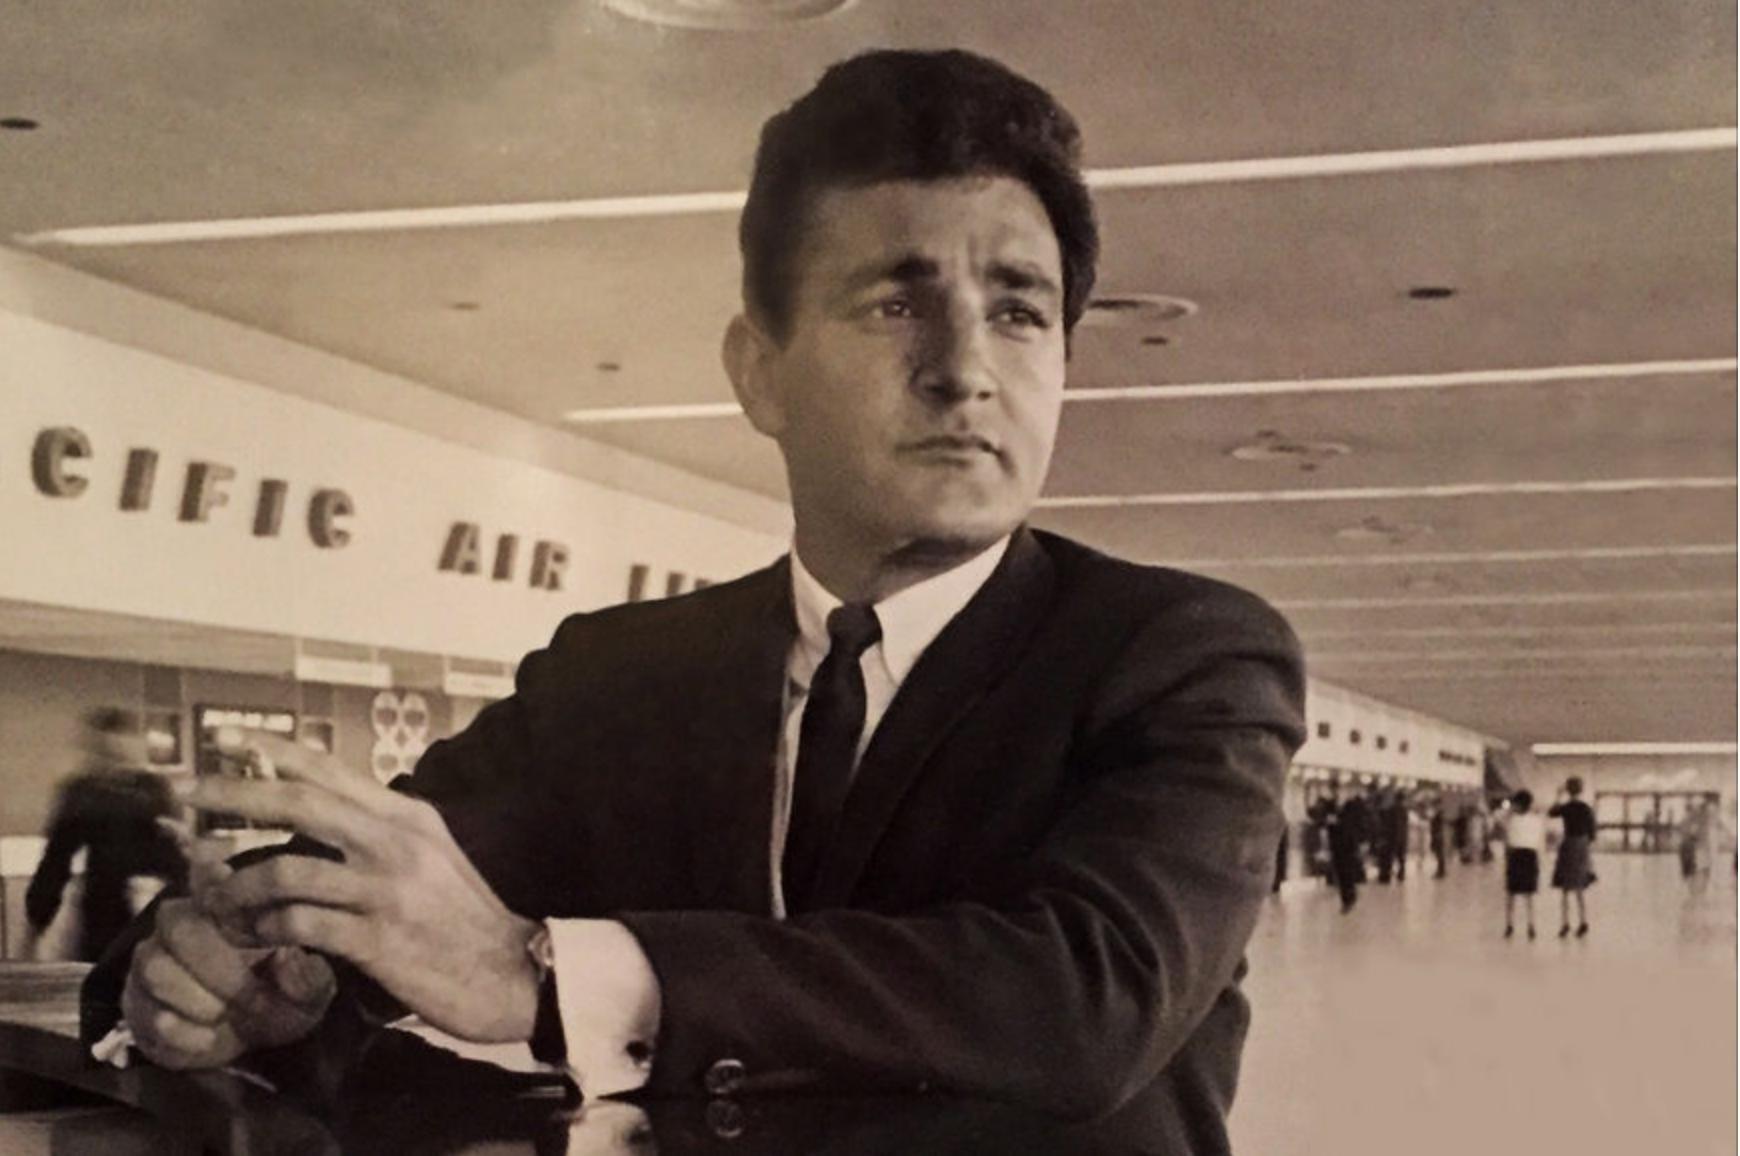 Sandy Dvore in the 1960s